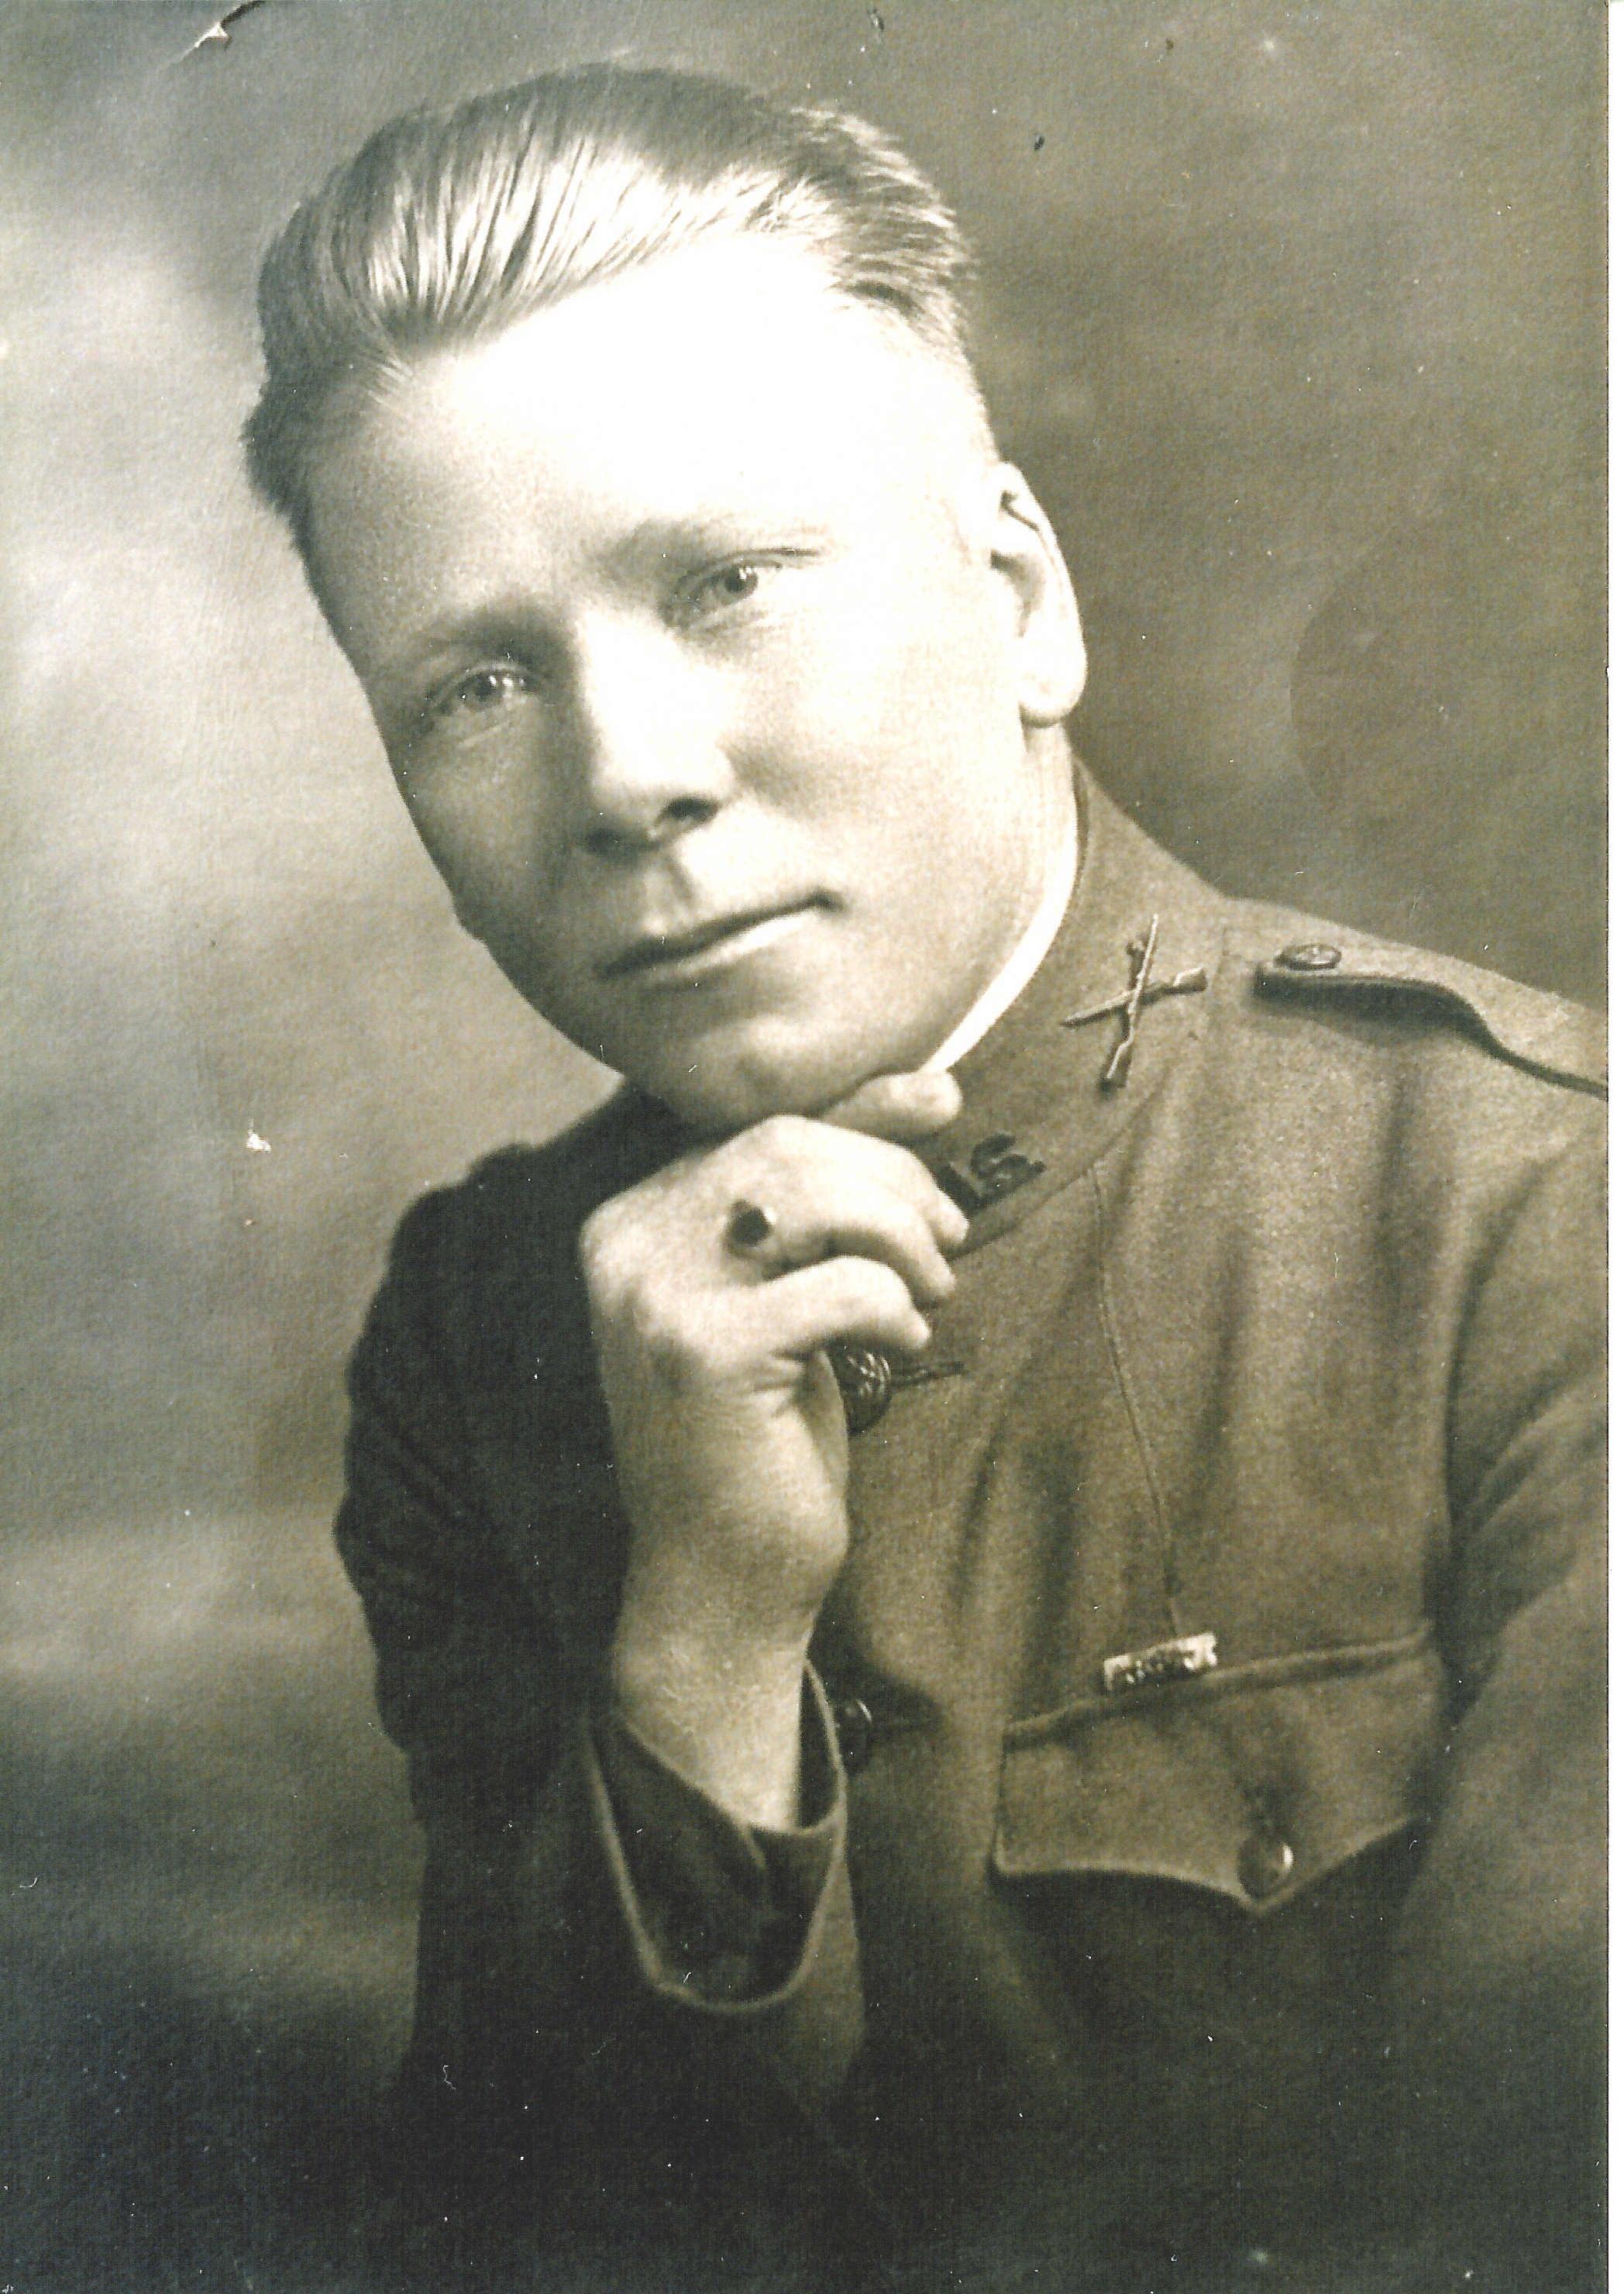 James Robert Gore